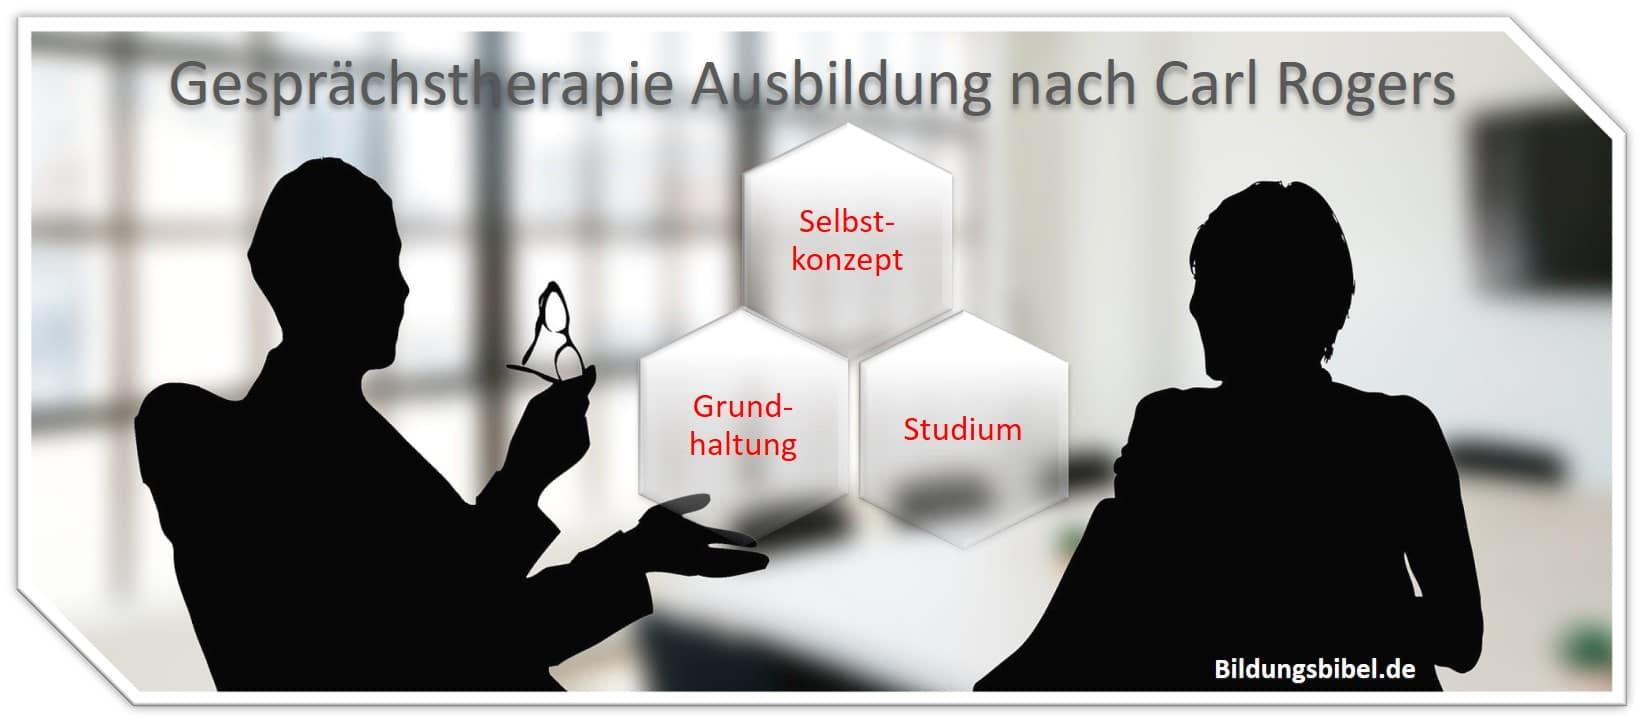 Die Gesprächstherapie Ausbildung oder Verhaltenstherapie nach Carl Rogers